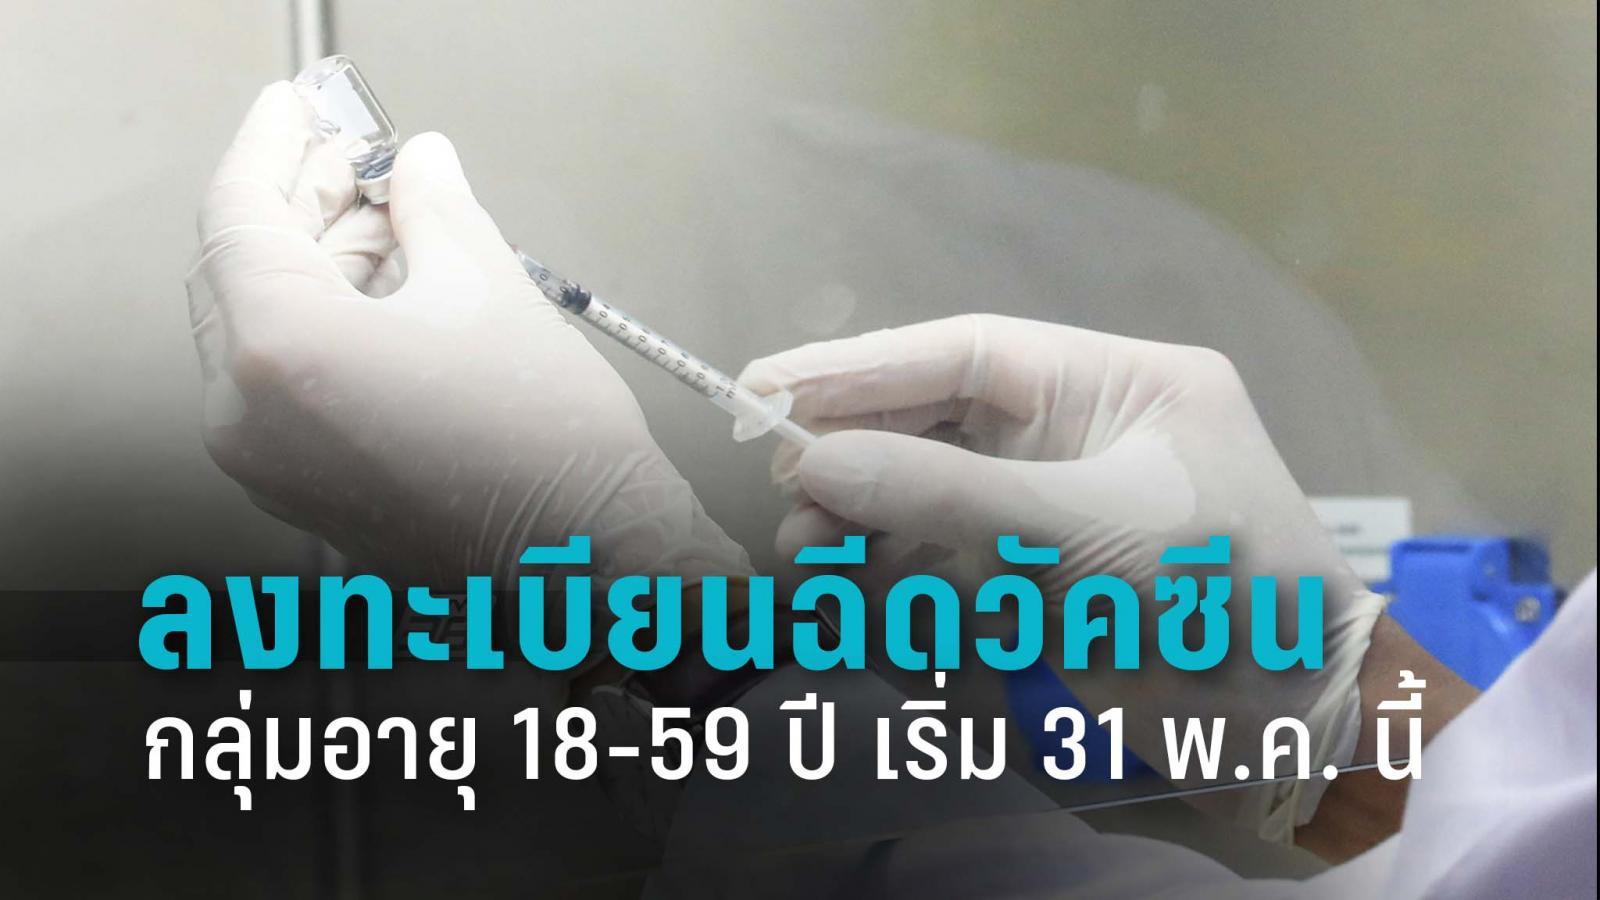 เปิดลงทะเบียนฉีดวัคซีนโควิด-19 กลุ่มอายุ 18-59 ปี เริ่ม 31 พ.ค. นี้